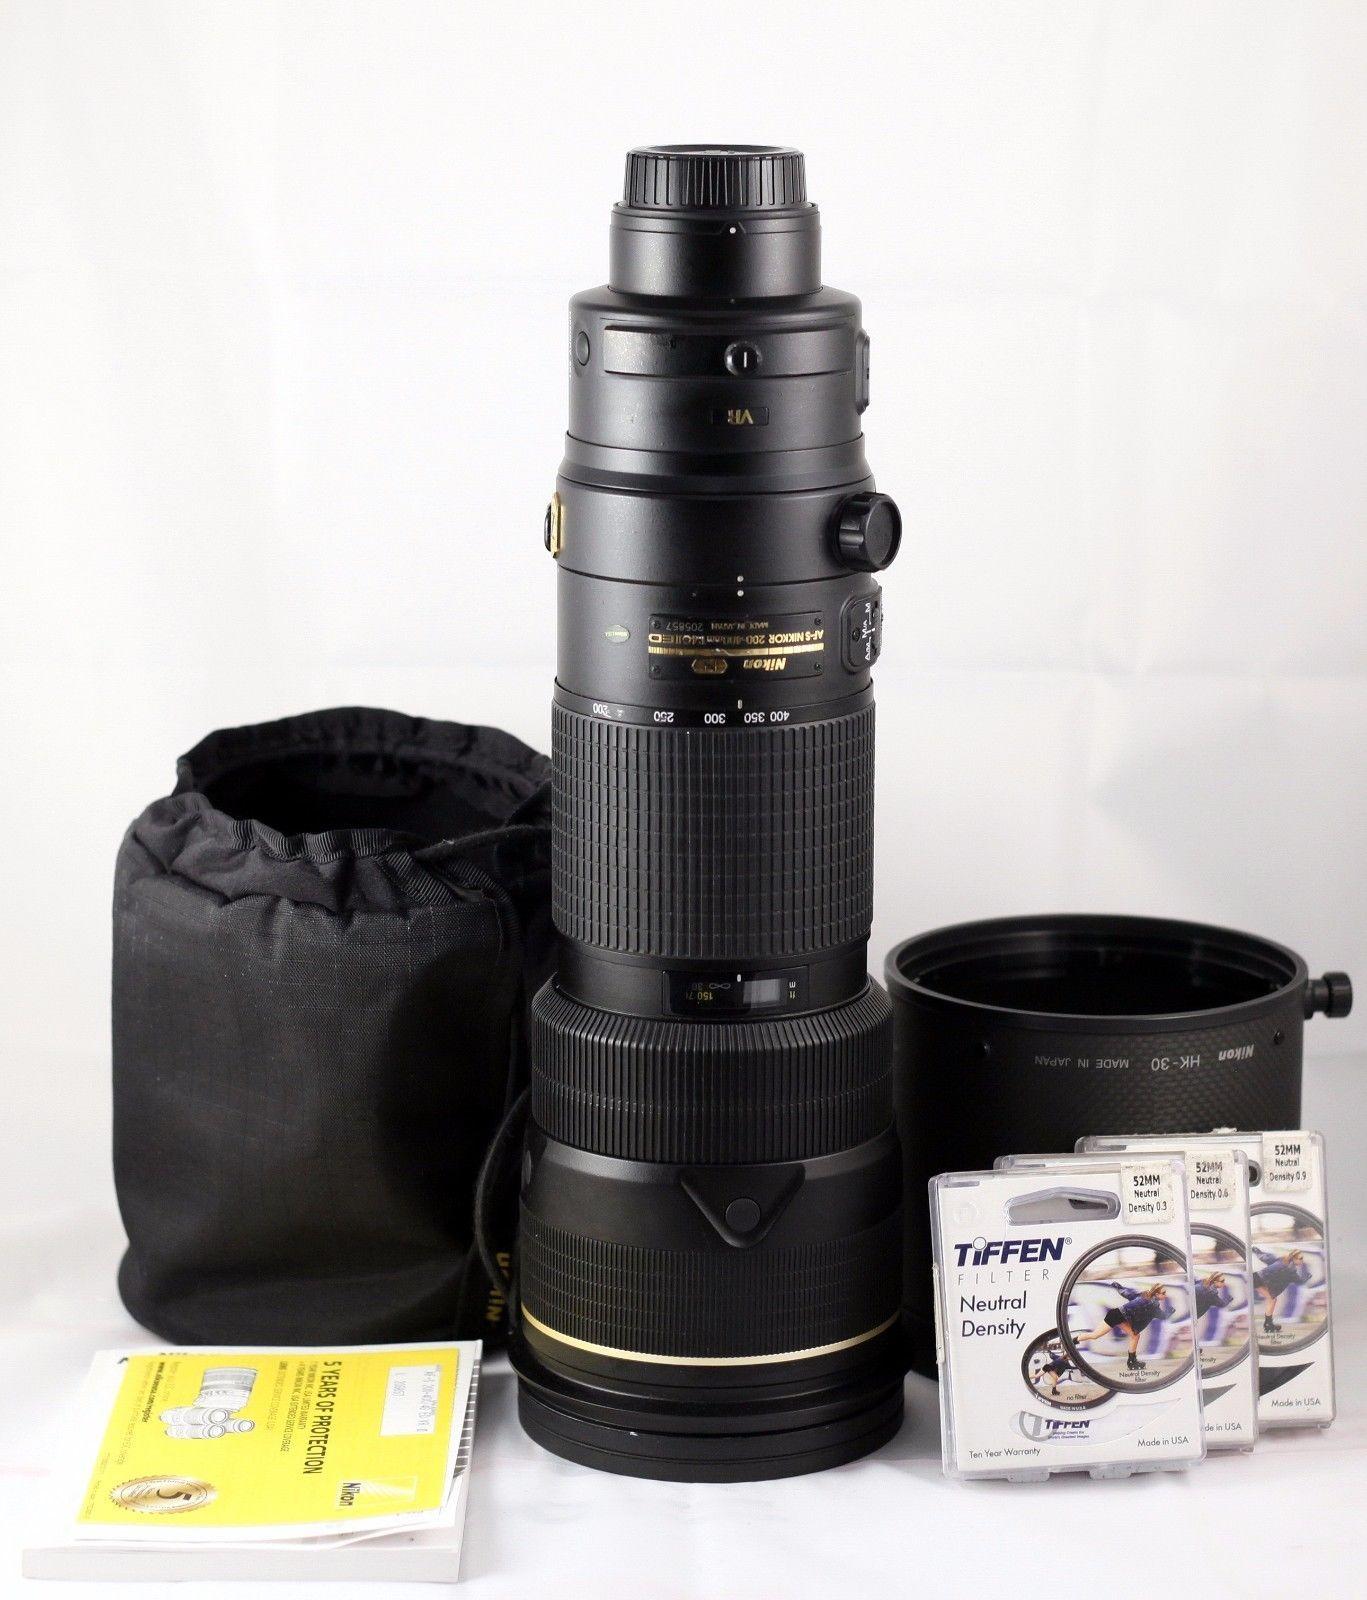 Nikon Nikkor 200 400mm F 4 Ii Swm Af S Vr If N Ed Lens Mint 105mm 28g Dx Fisheye